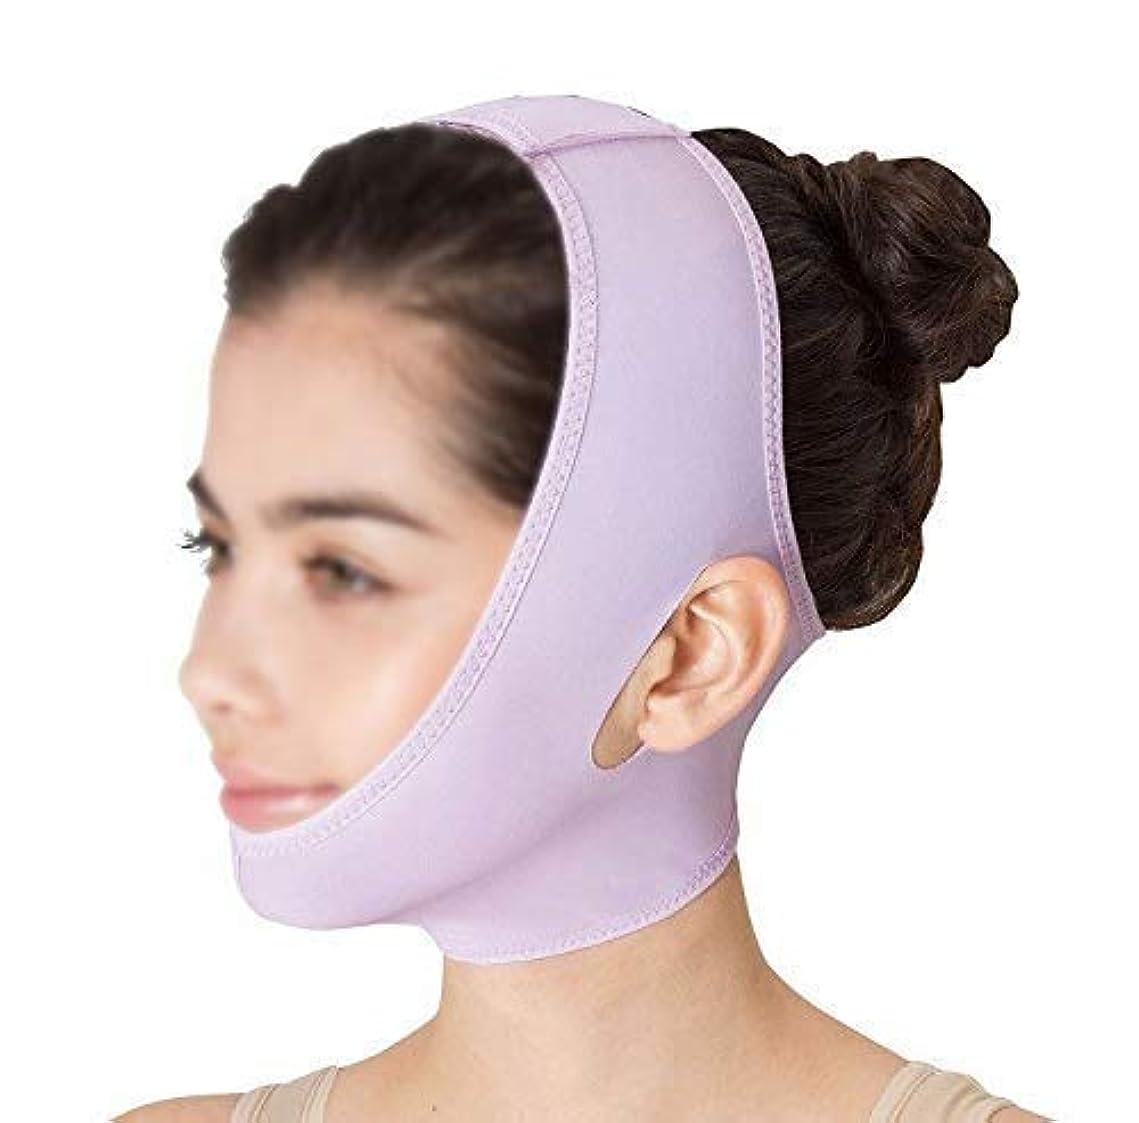 珍しいアジア人活性化するフェイシャルマスク、リフティングアーティファクトフェイスマスク垂れ下がった小さなVフェイスバンデージ付きの顔 スリーピングフェイスダブルチンチンセットスリープエラスティックスリミングベルト